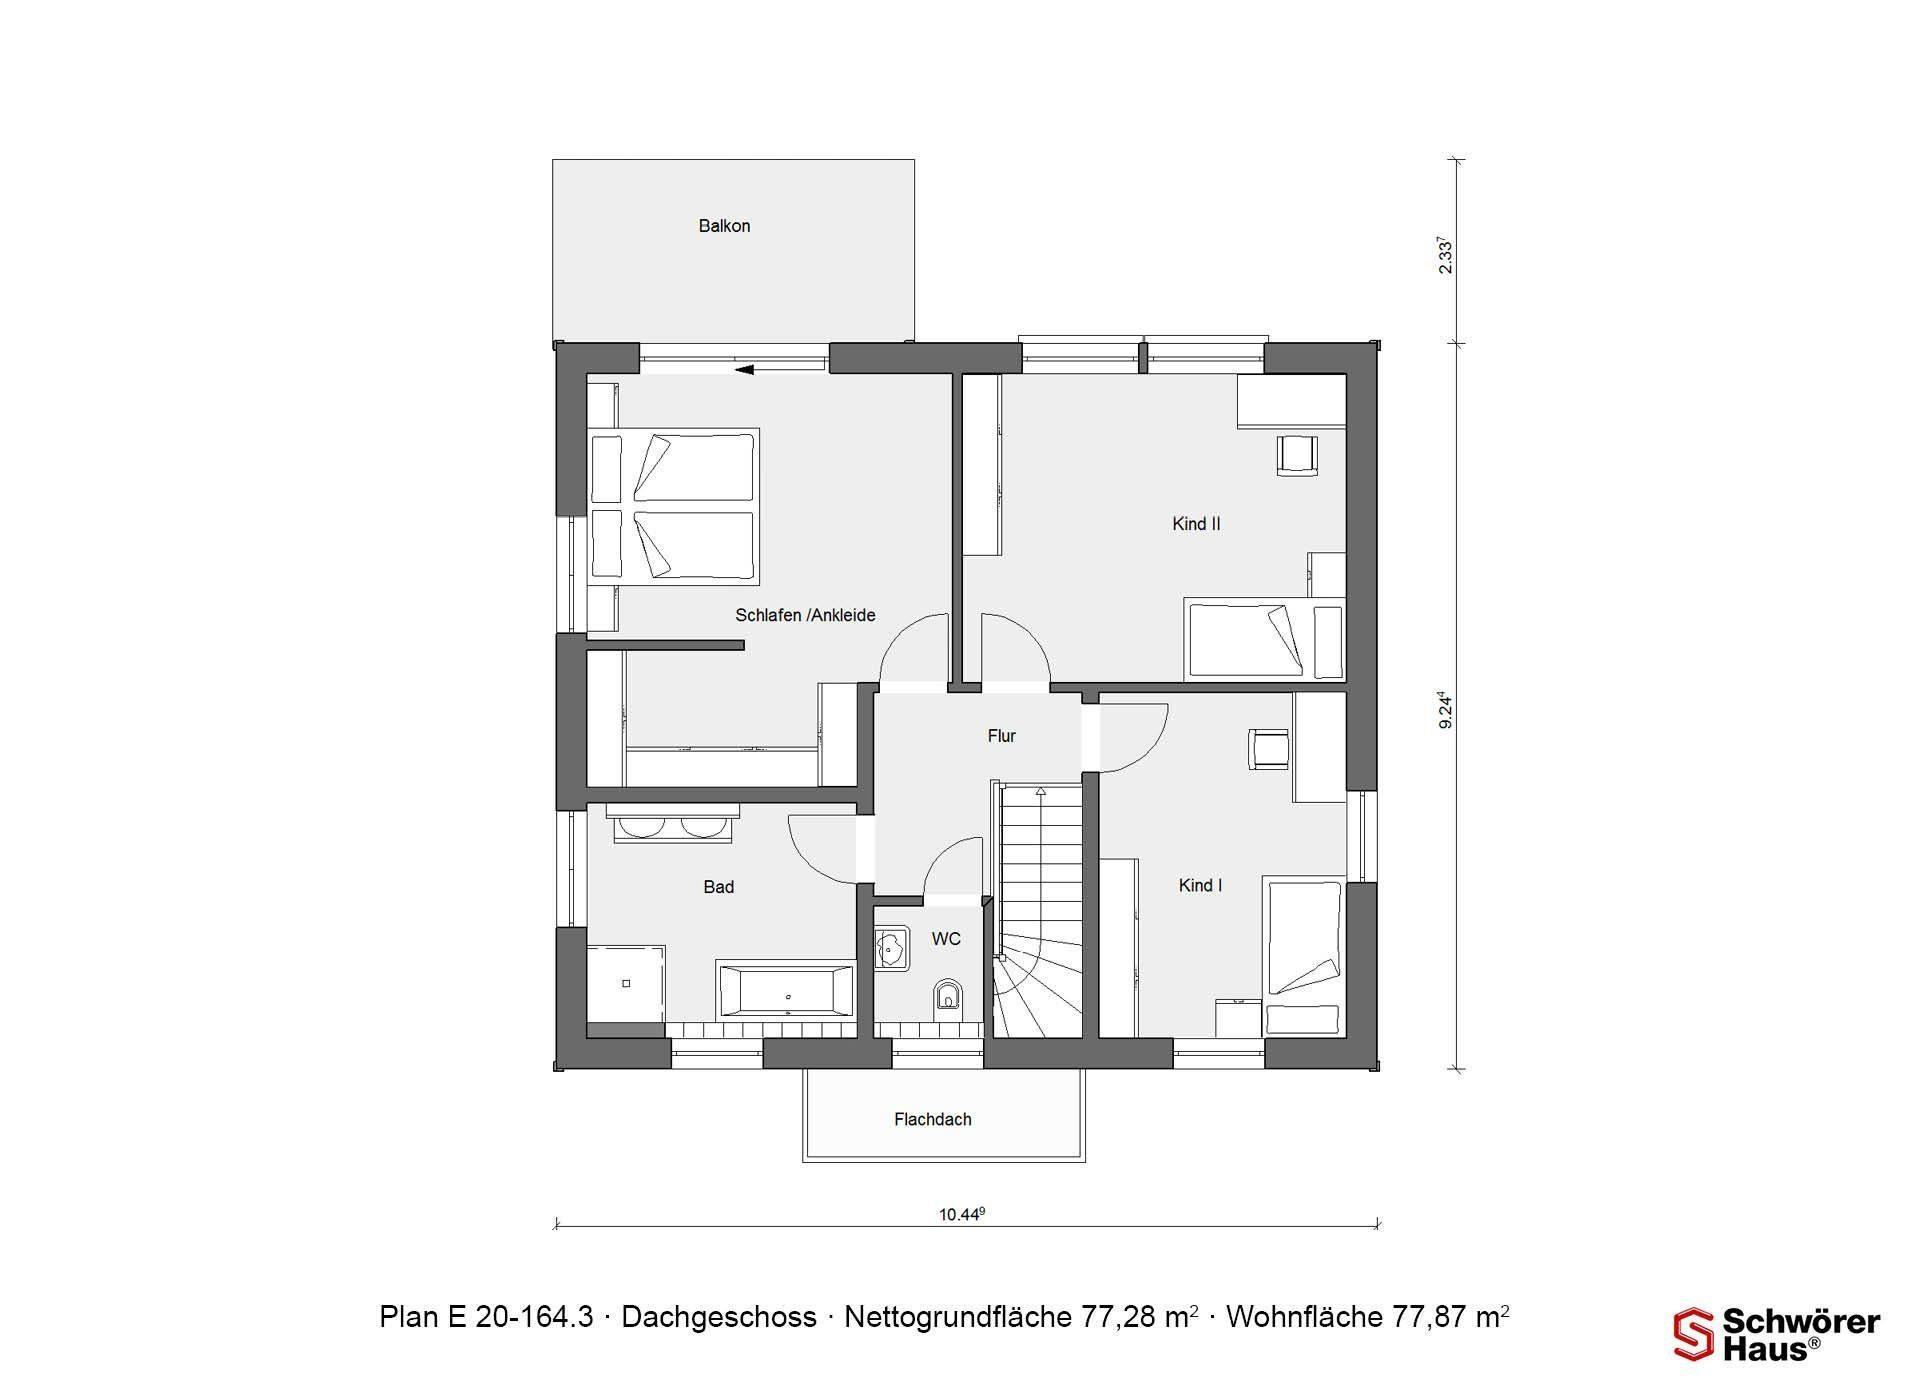 Plan E 15-160.1 - Eine Nahaufnahme eines Geräts - Gebäudeplan